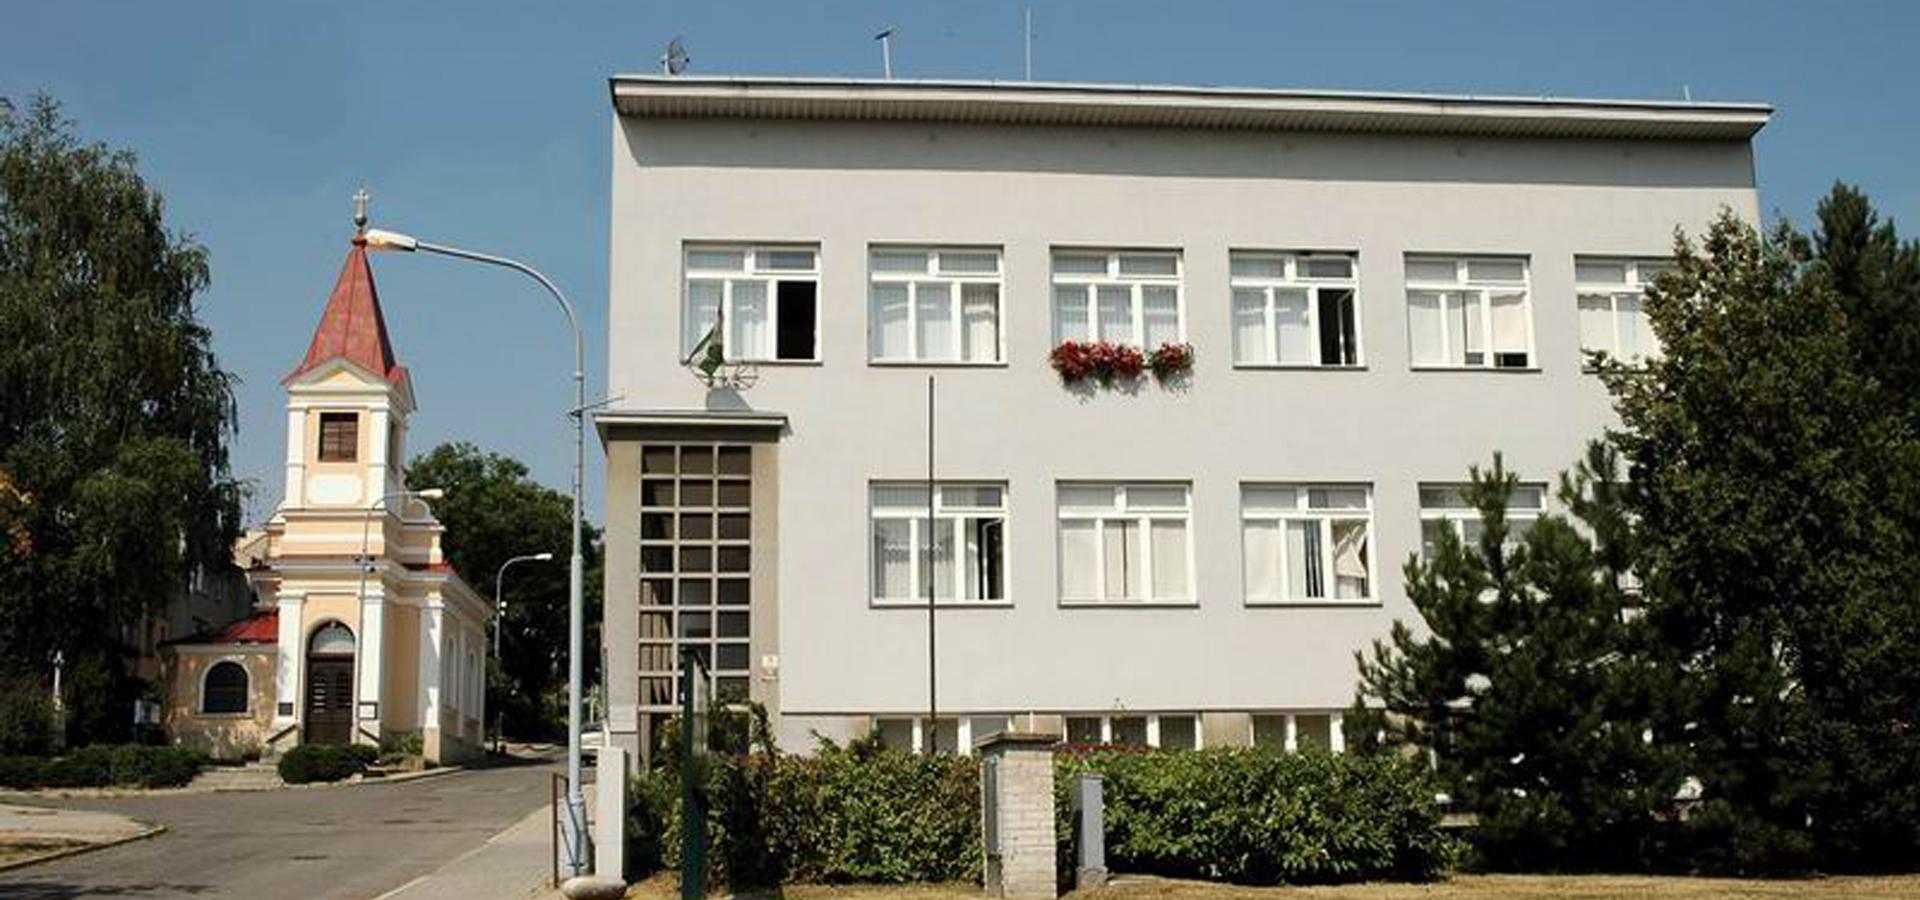 Pozvánka na XI. zastupitelstvo městské části Brno-Kohoutovice (14.12.2016)